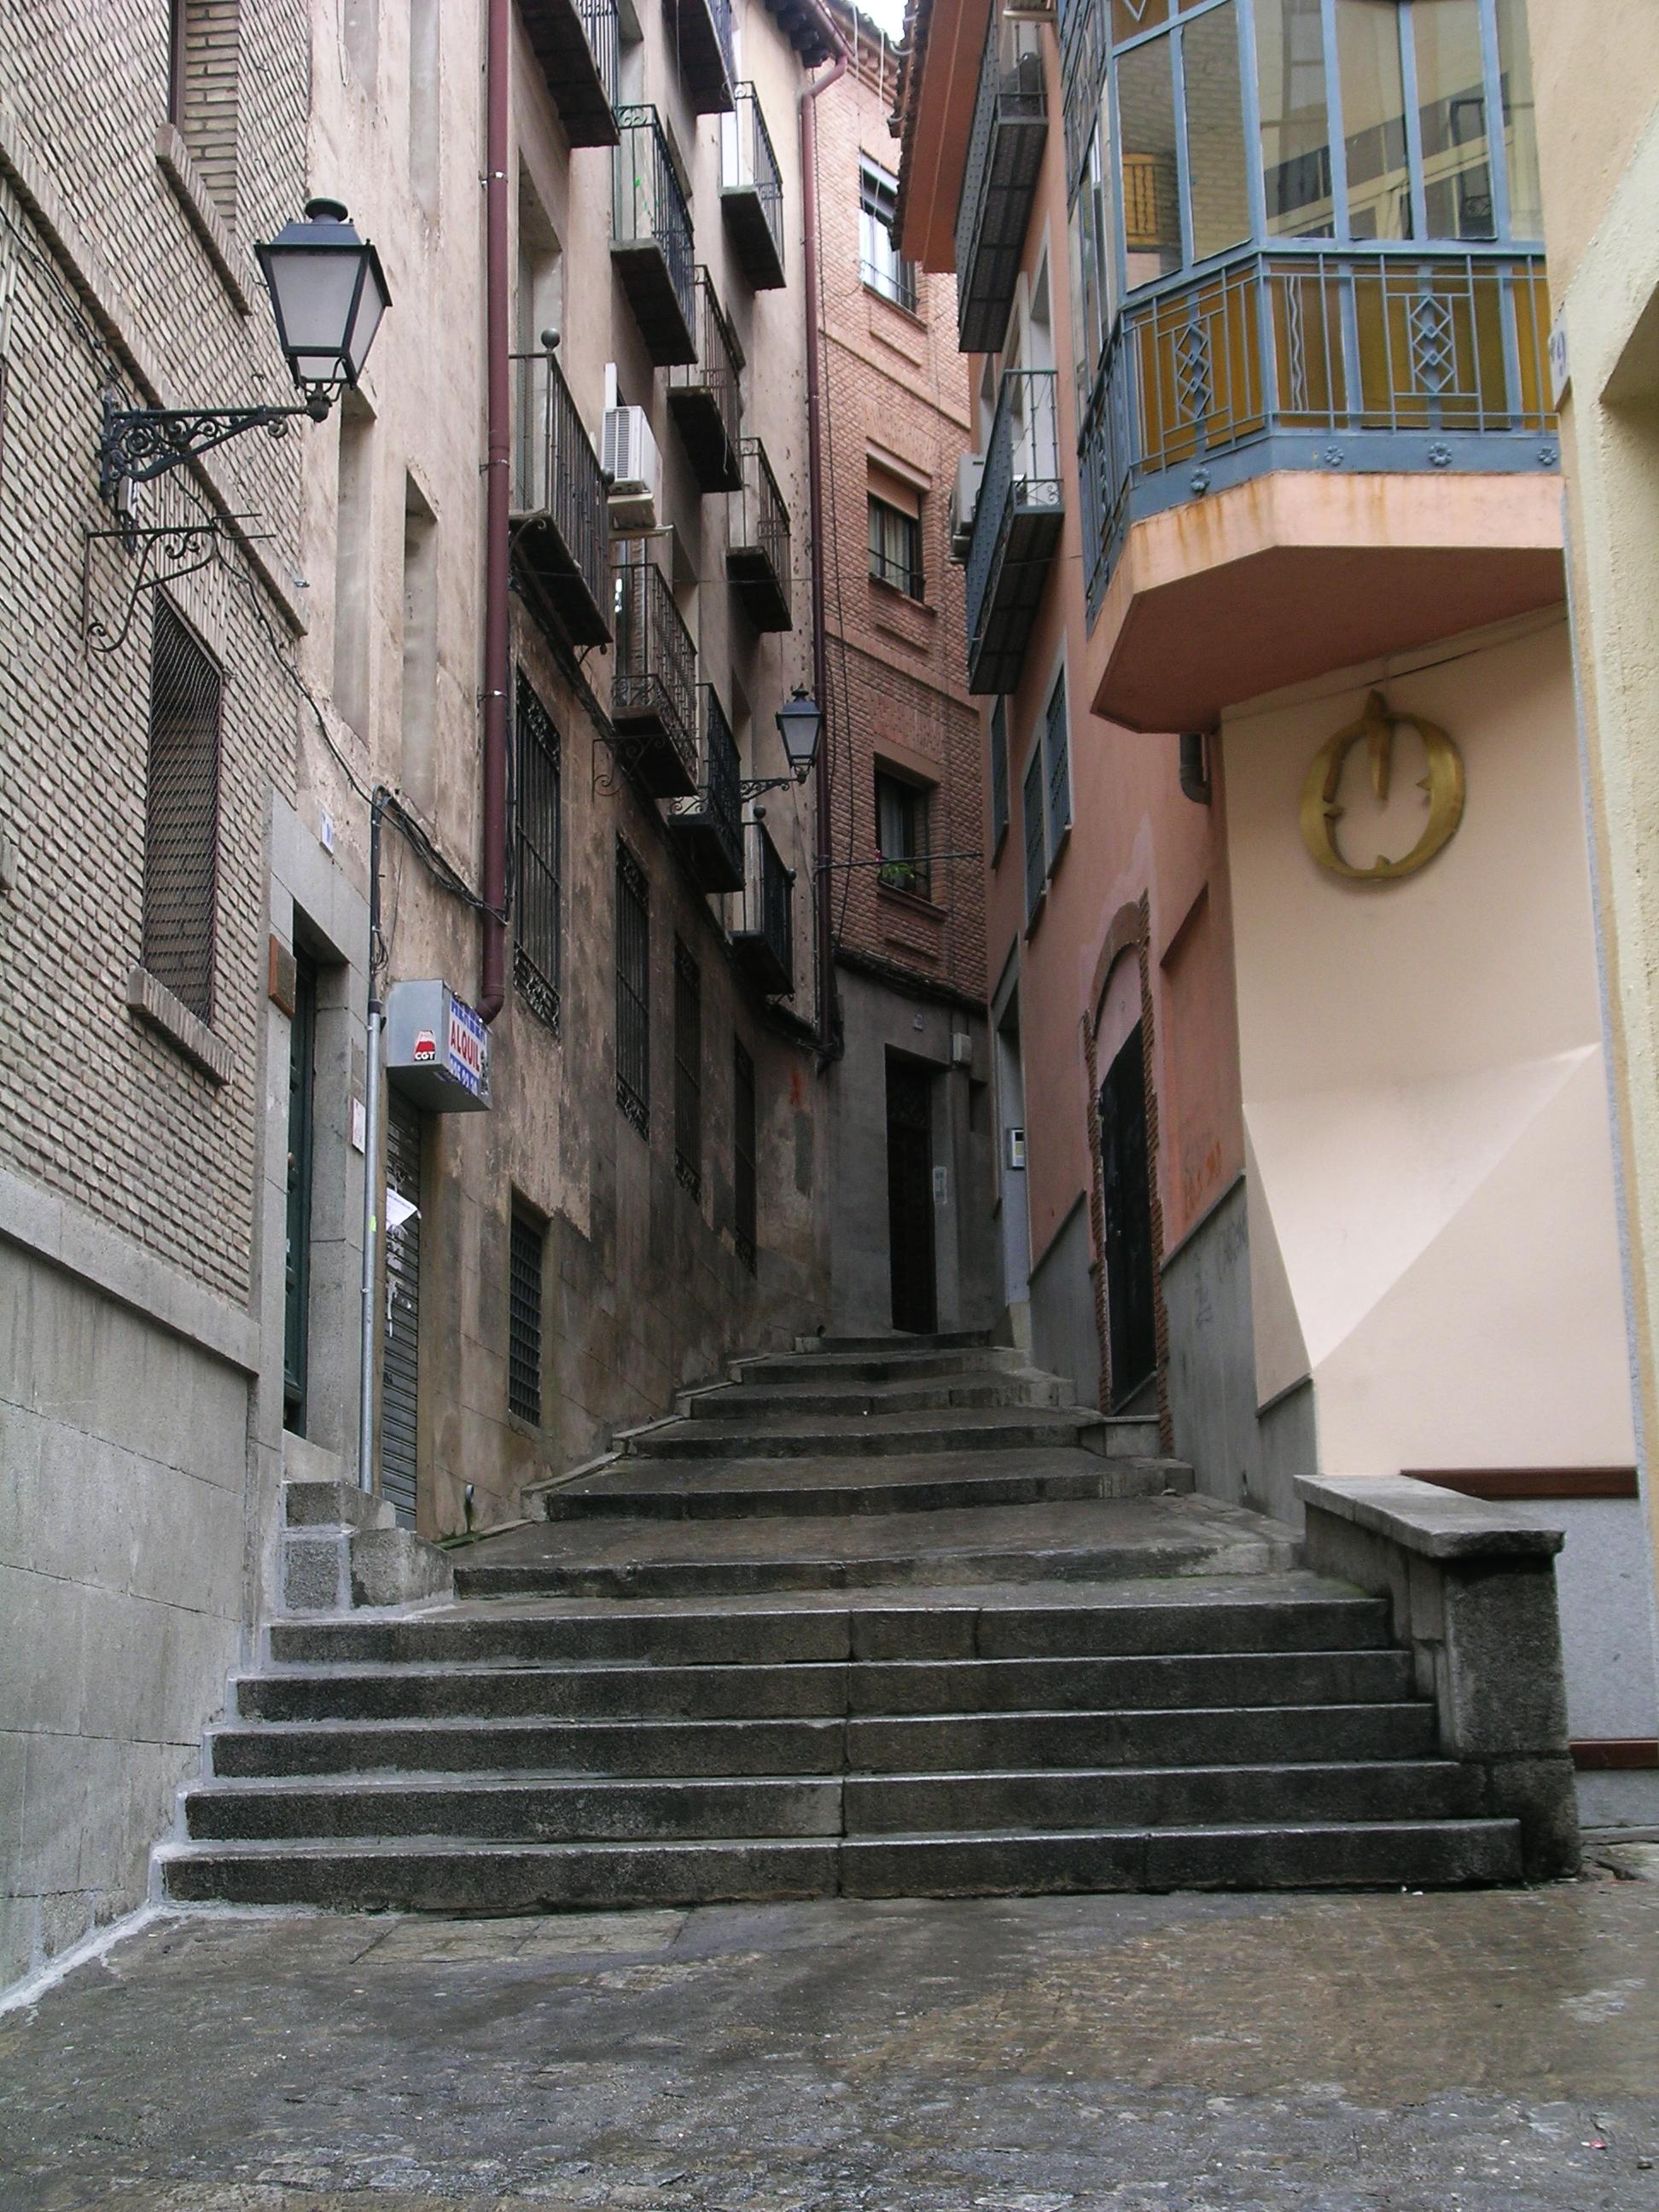 Narrow street photo